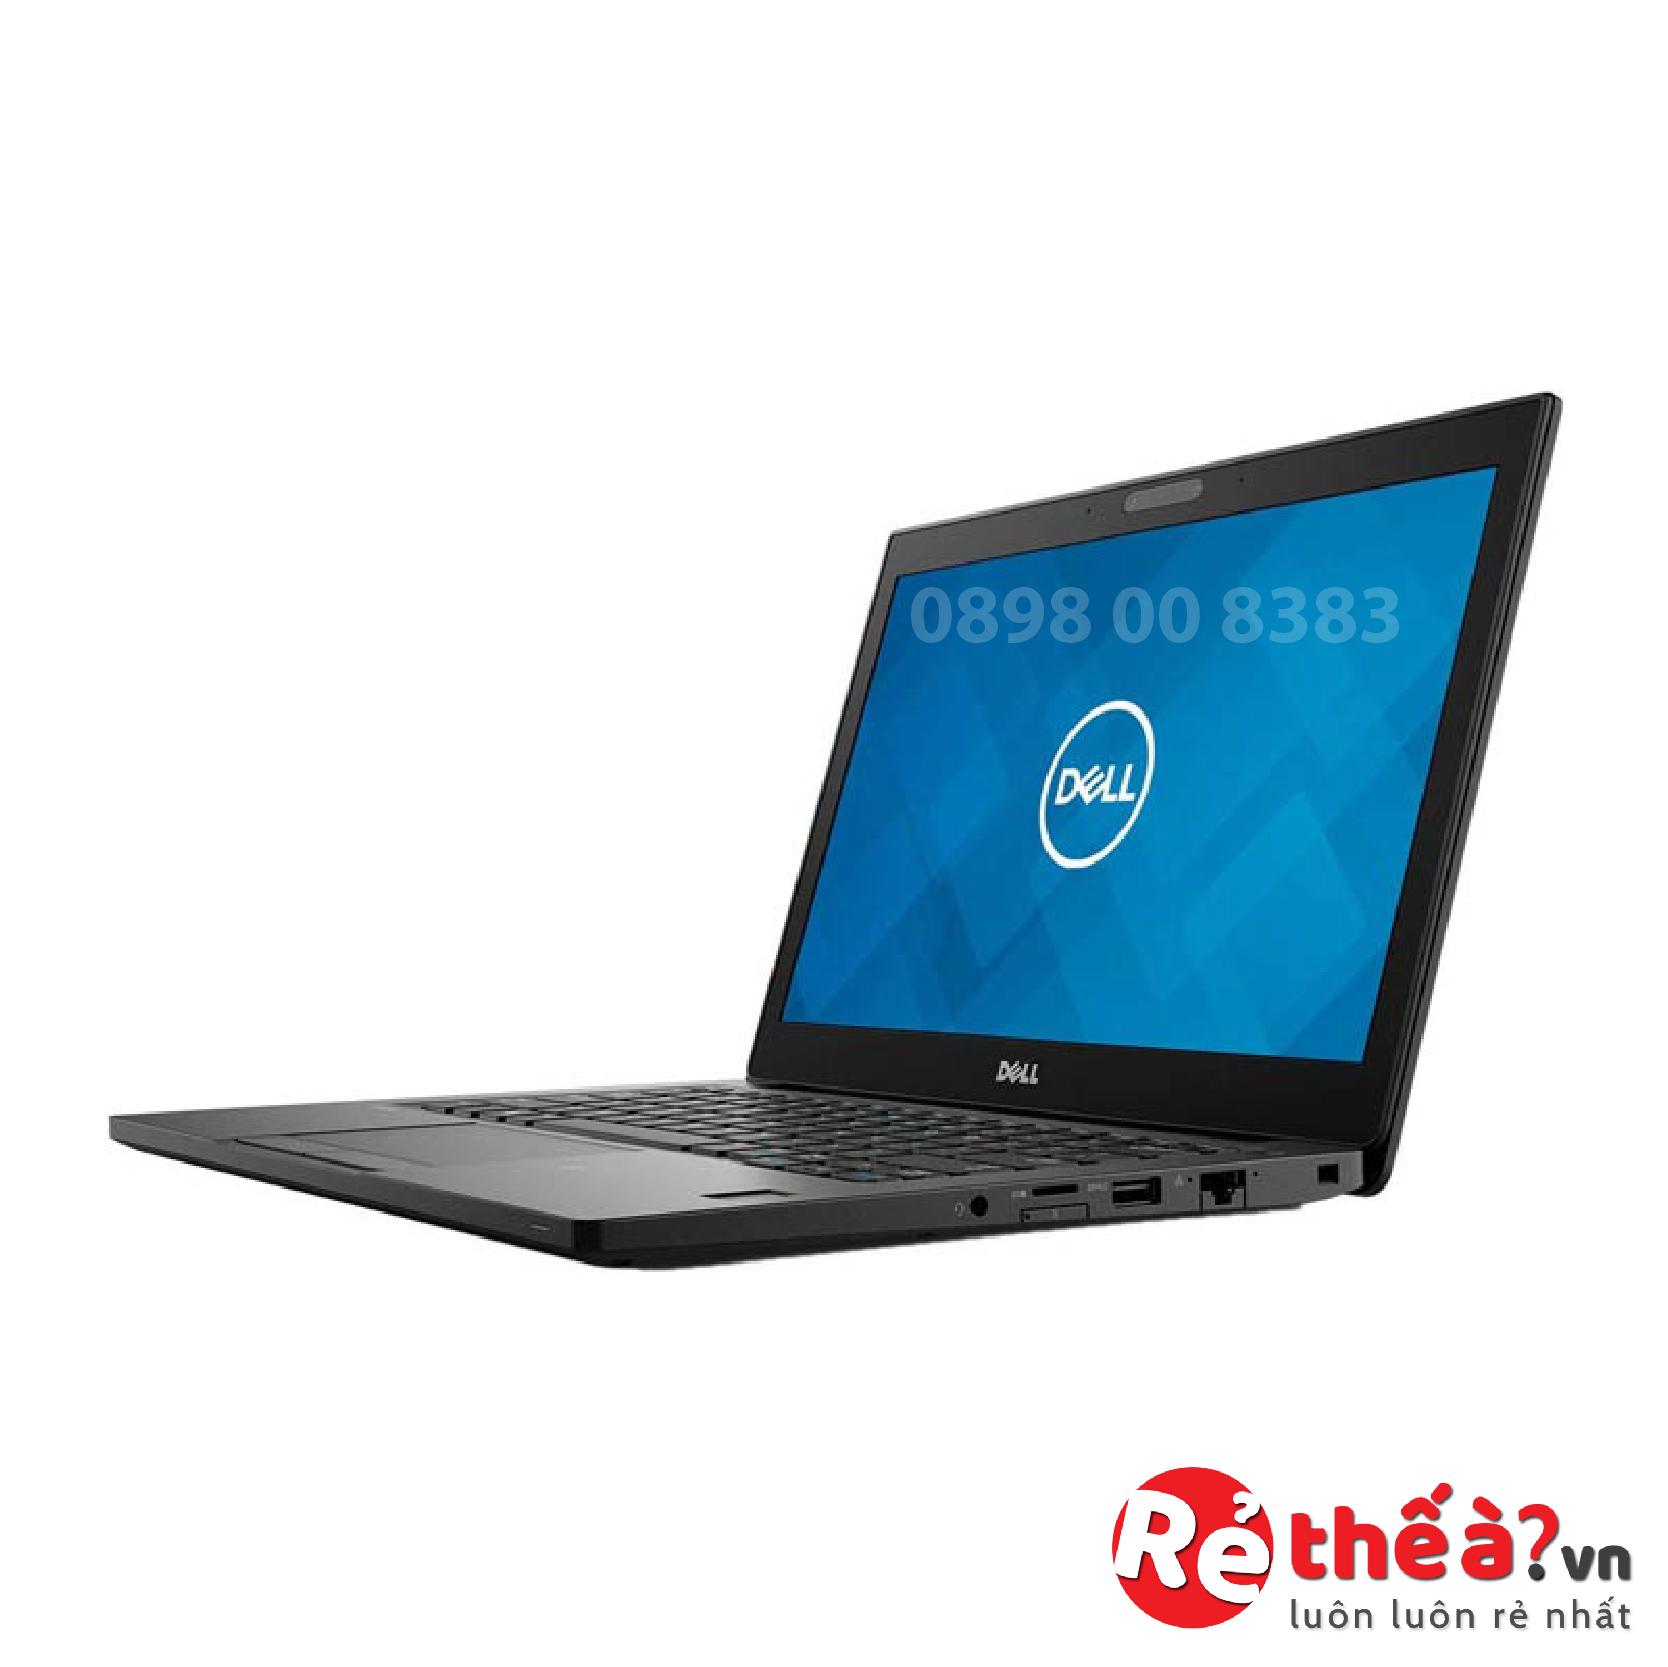 Laptop Dell Latitude E7290